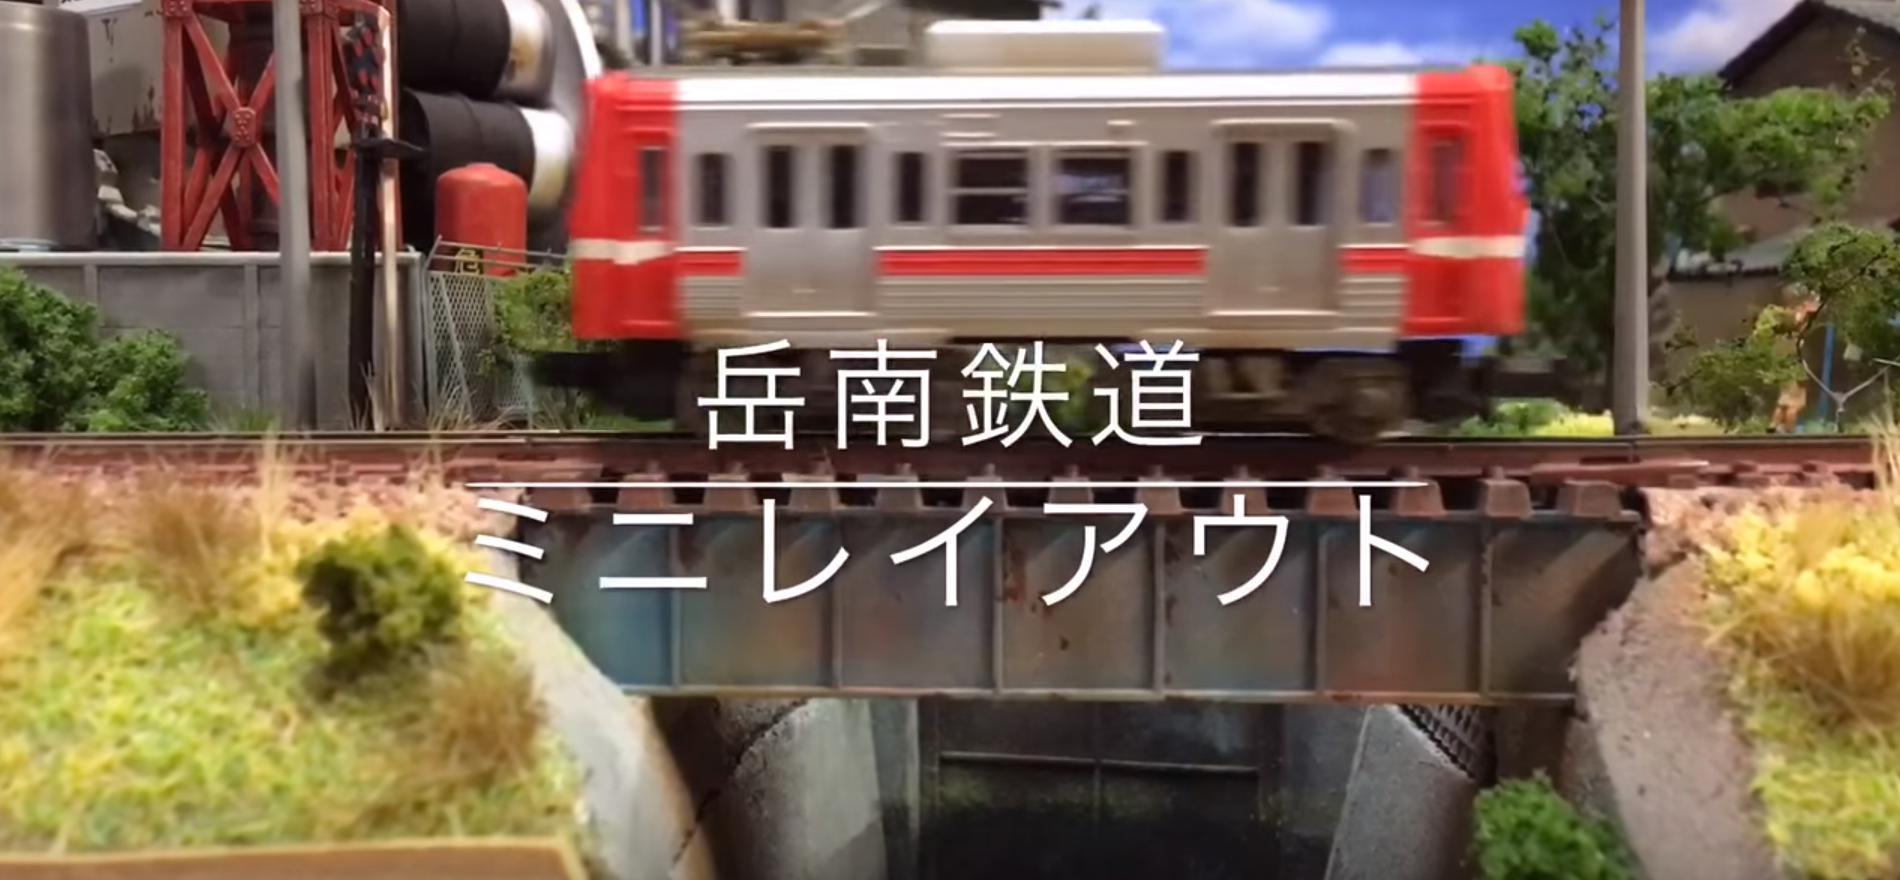 岳南電車ミニレイアウト